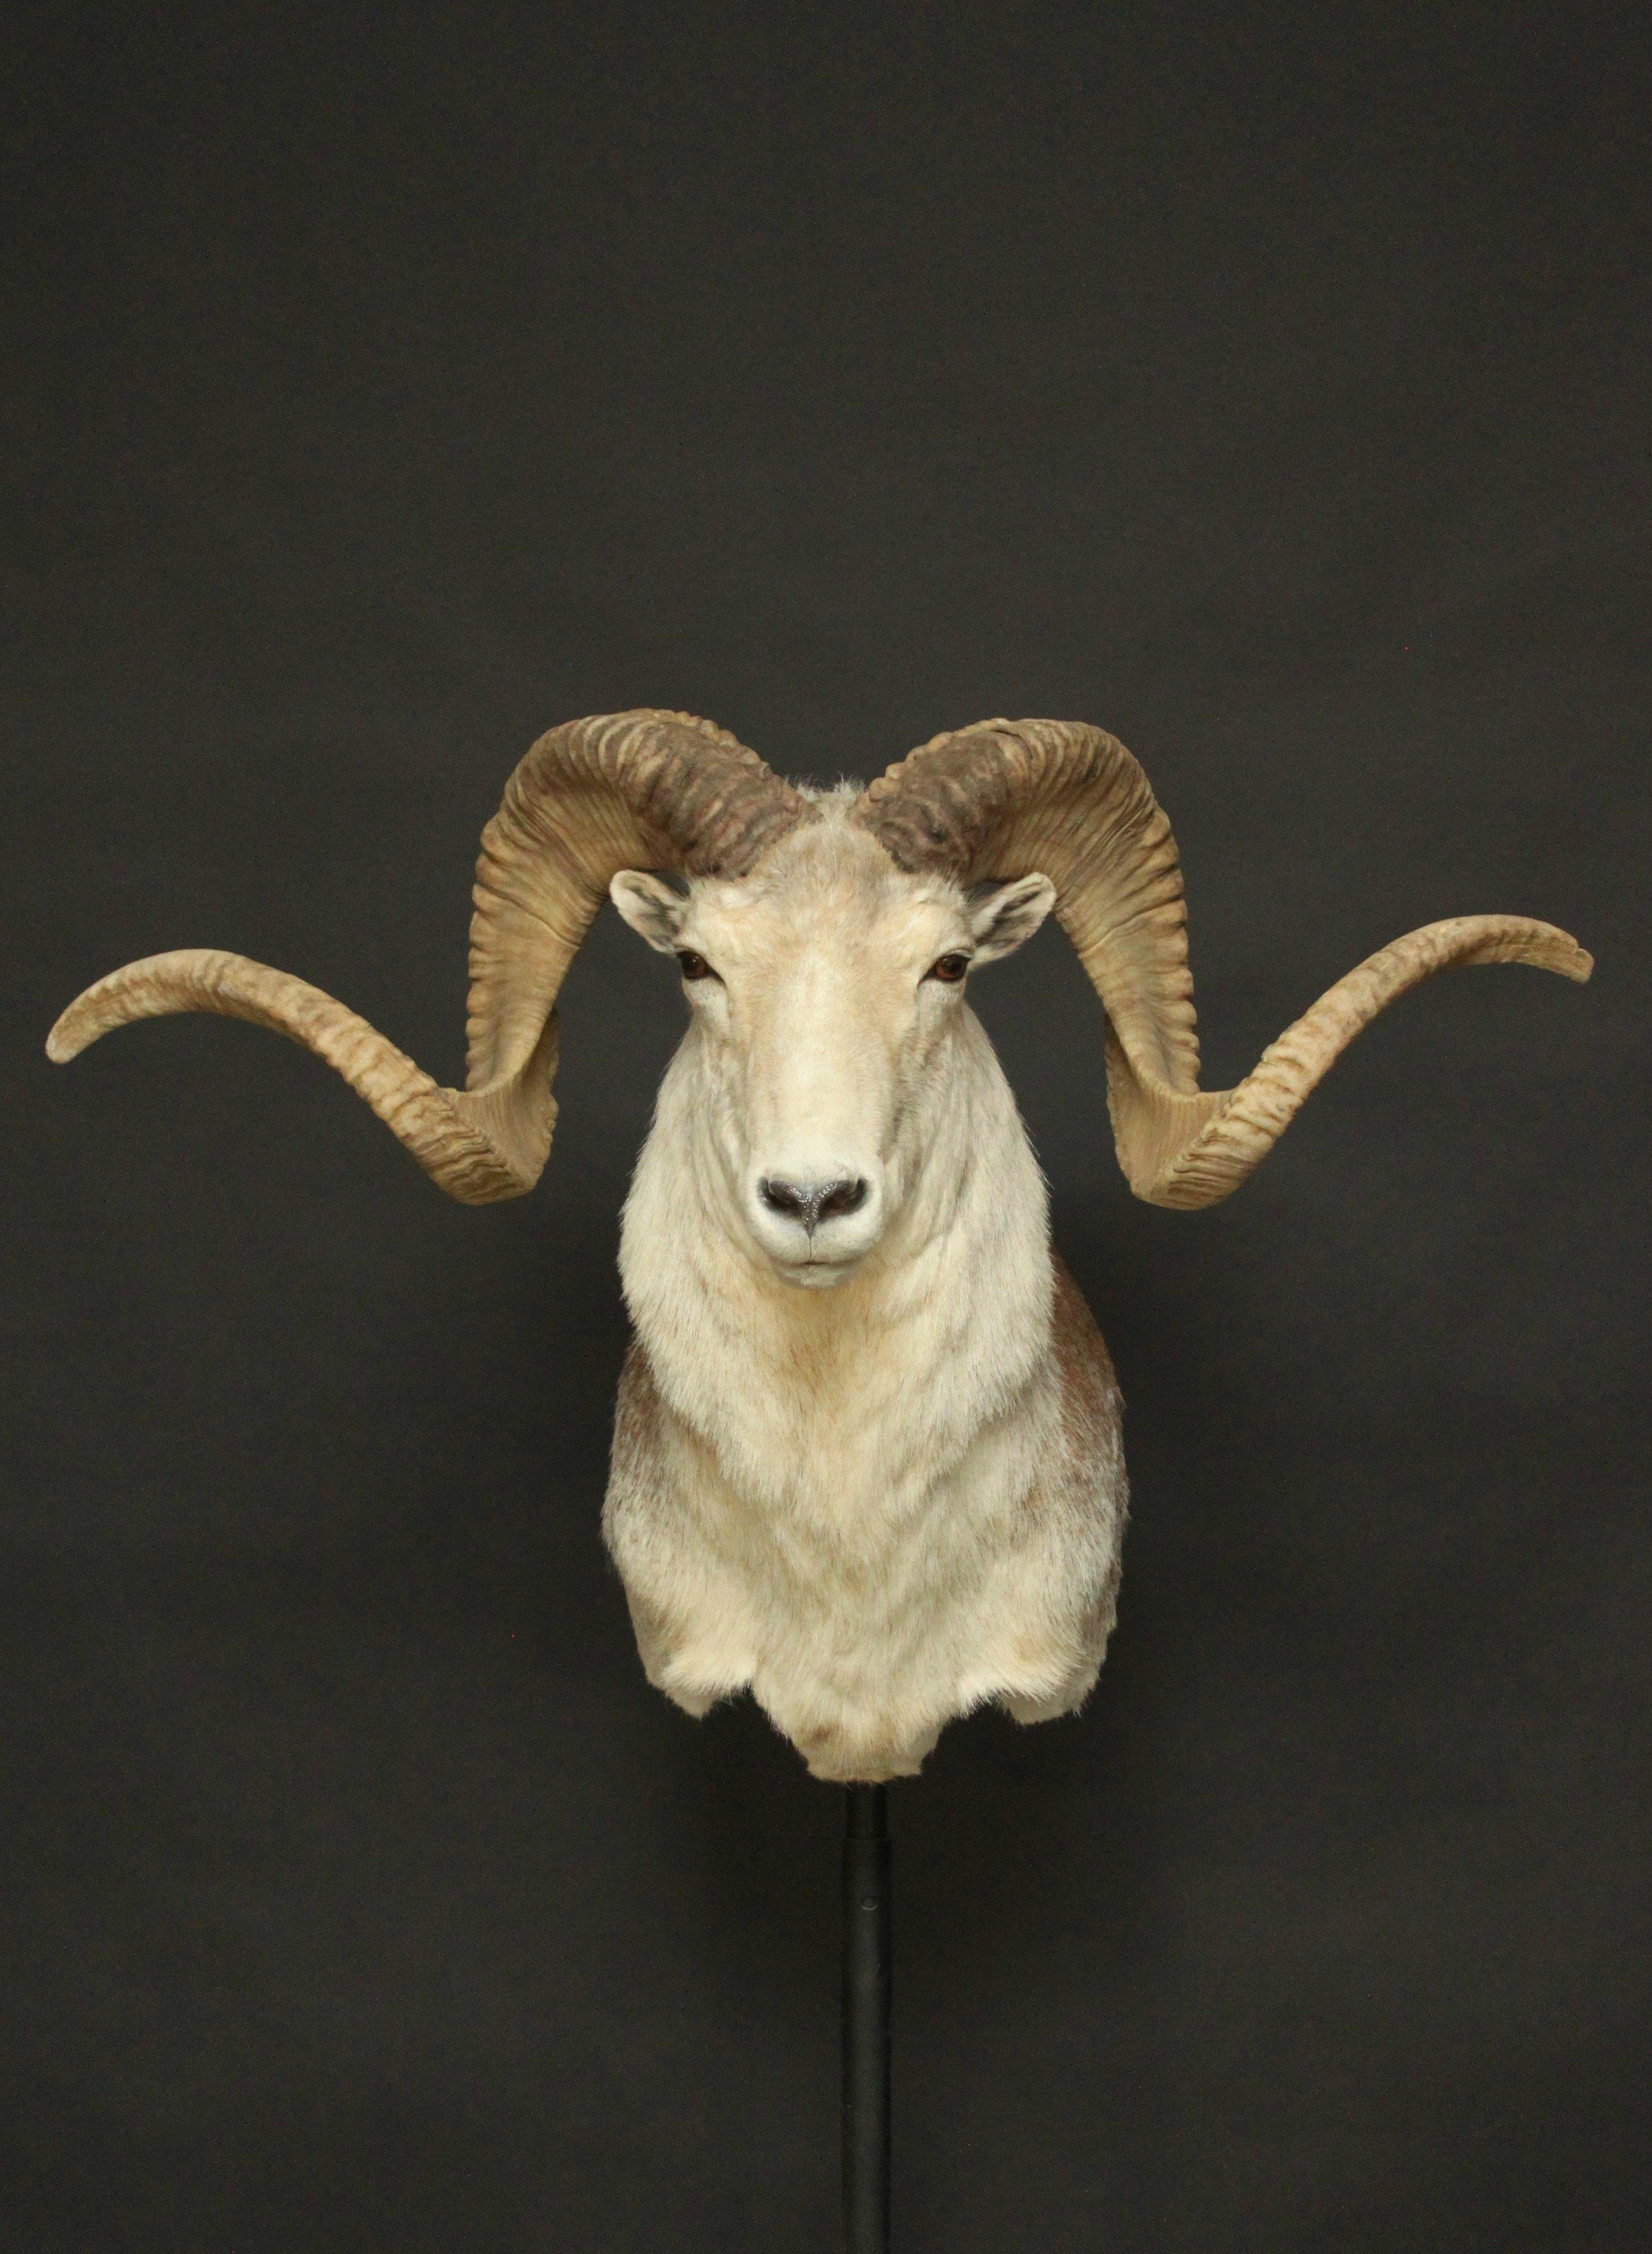 Marco Polo Sheep 1